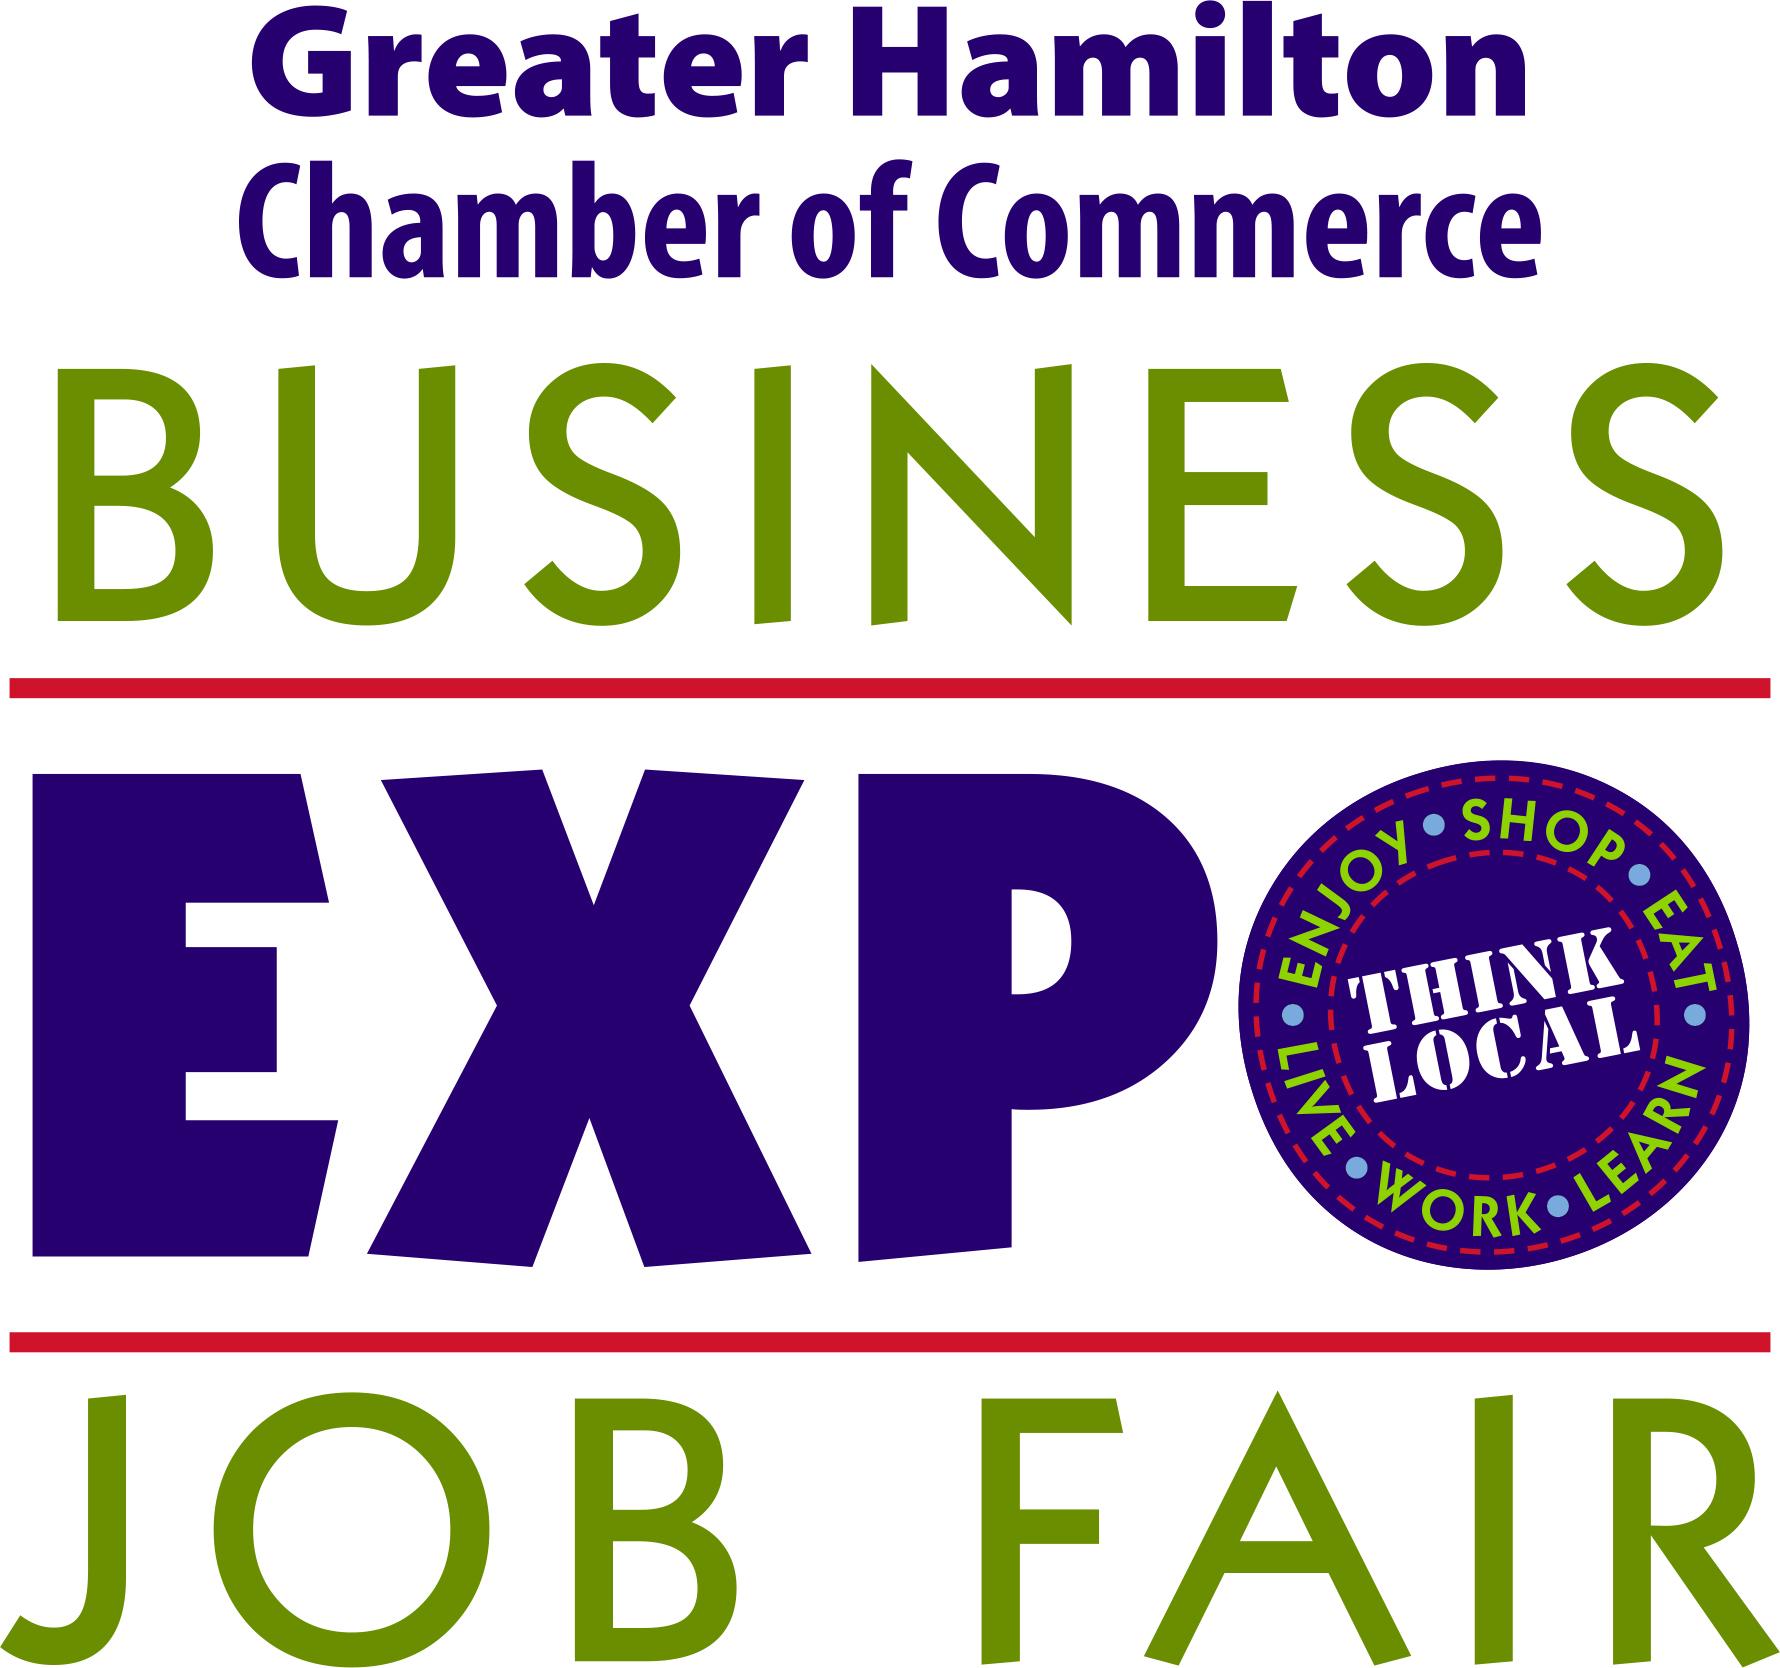 business expo job fair greater hamilton chamber of commerce oh business expo job fair think local